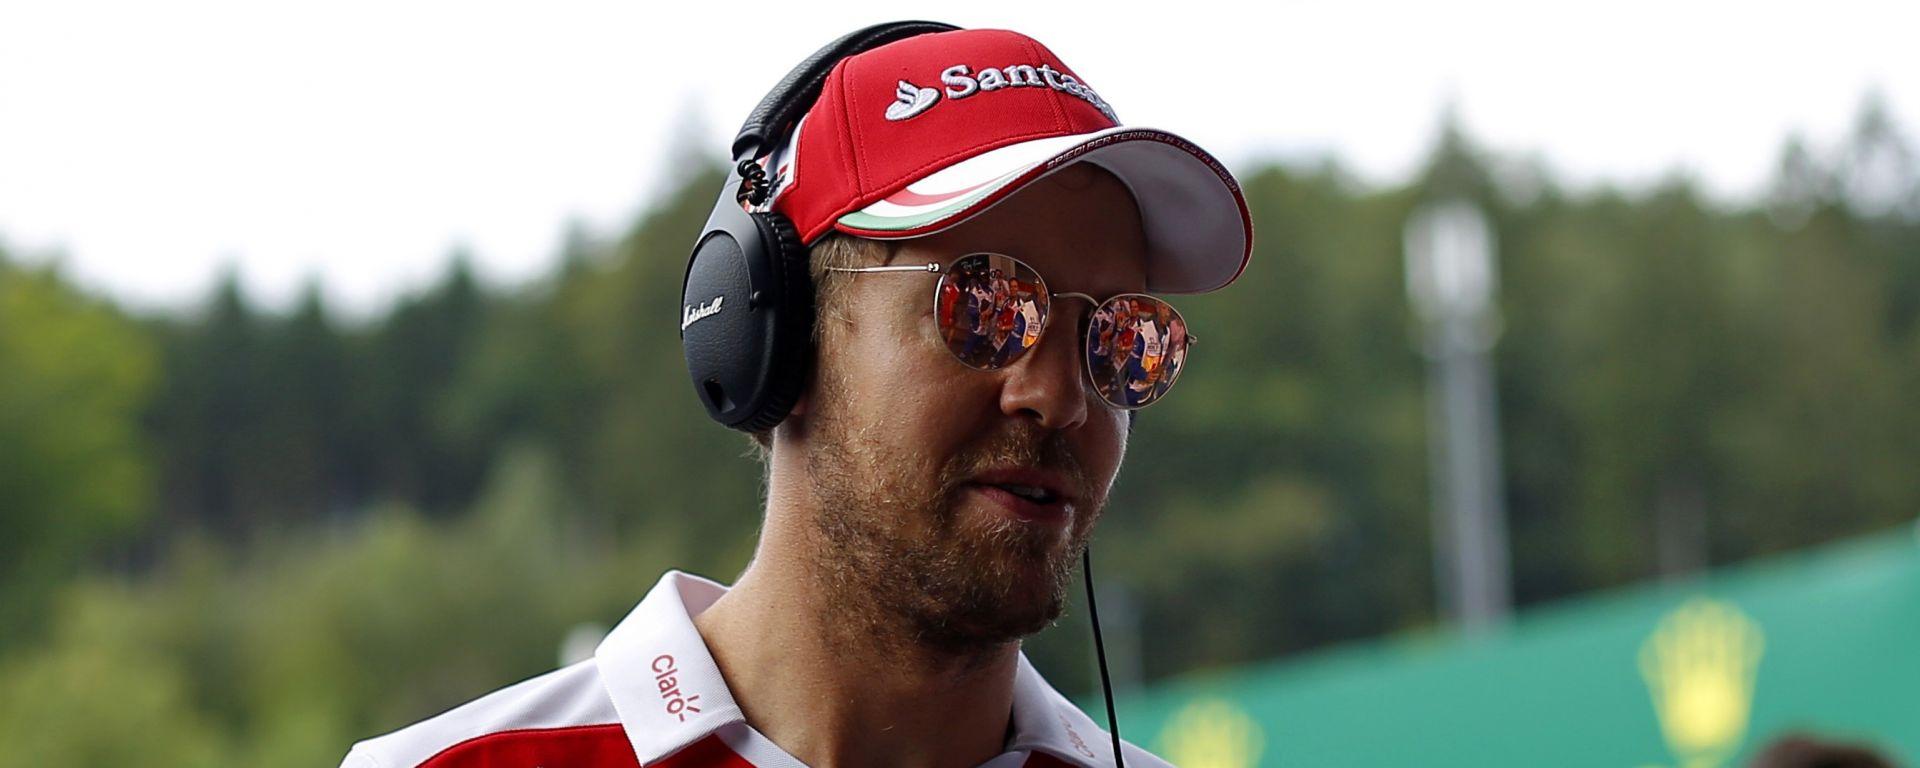 F1, GP USA: orari e programmazione tv